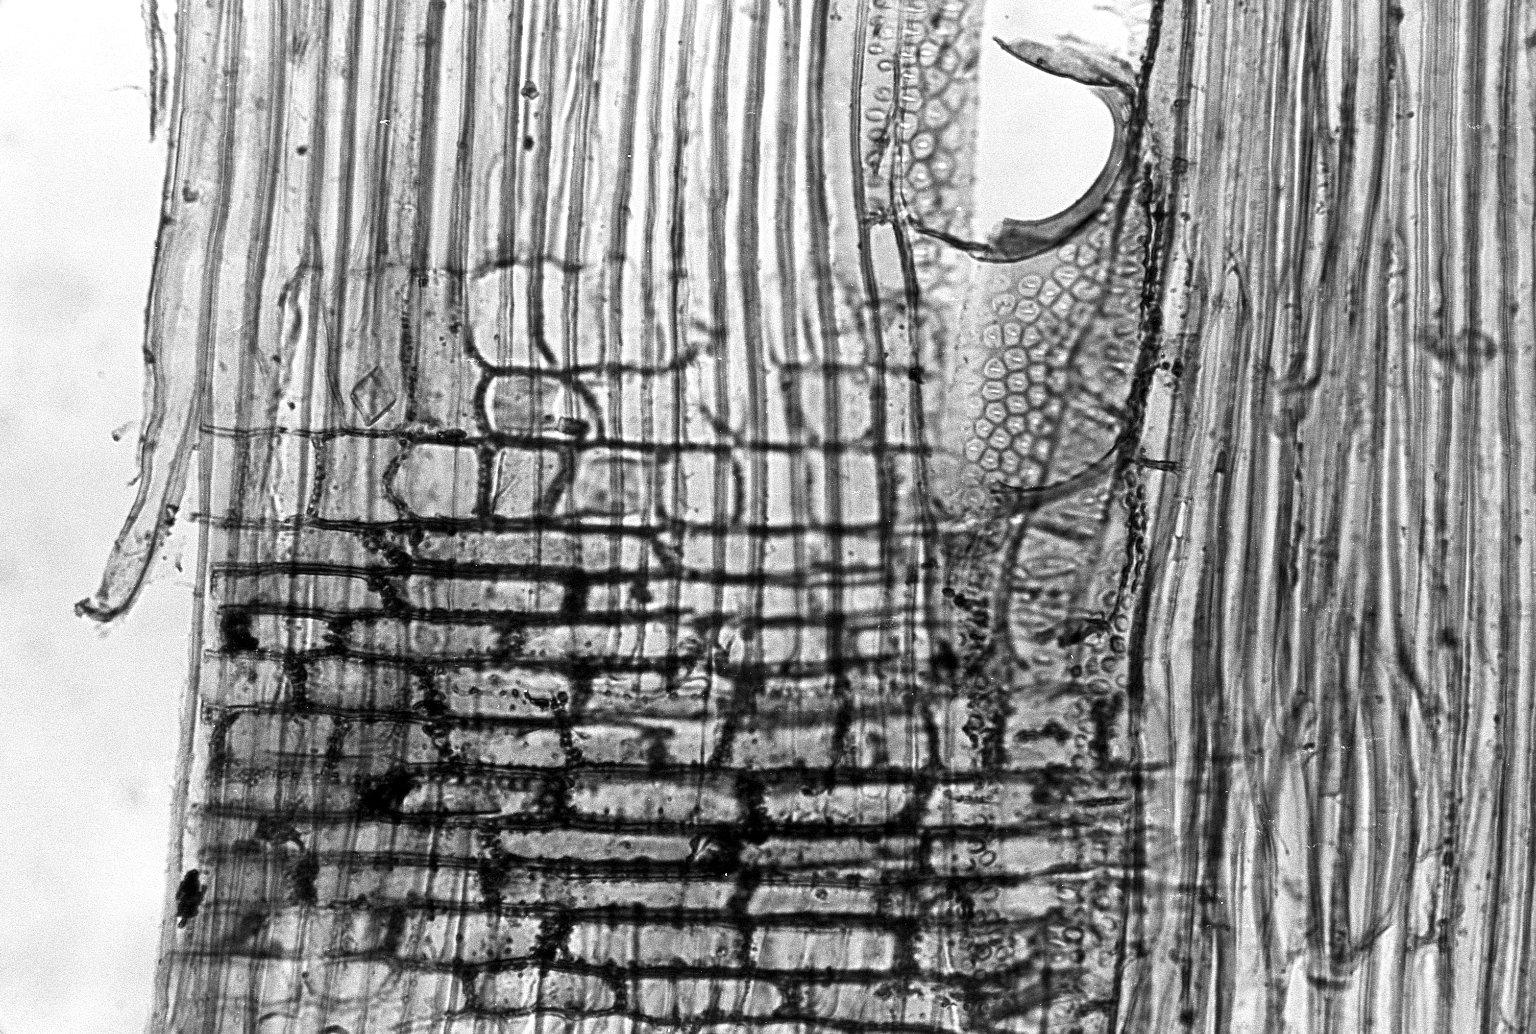 ANACARDIACEAE Rhus copallinum